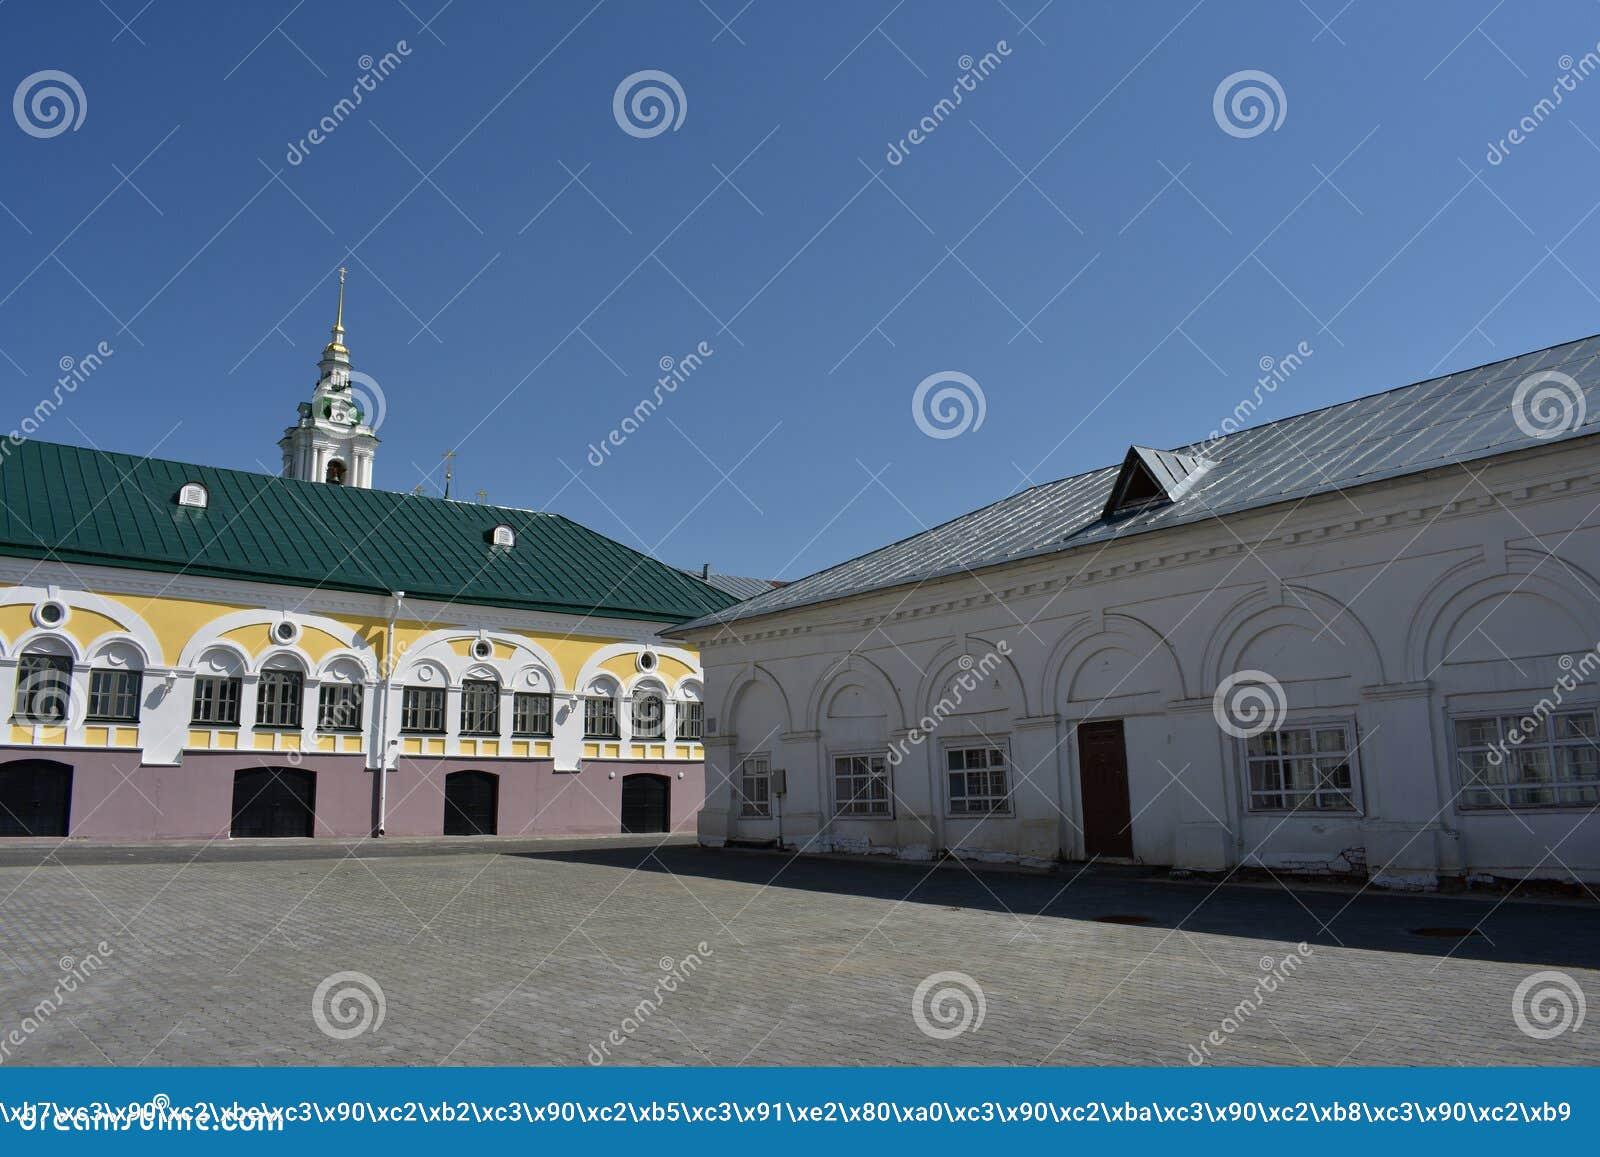 Schöne Ansicht Kostroma des Einkaufssäulengangs öffnet sich vom Quadrat, vom weißen Säulengang, vom Glockenturm und von der Haube